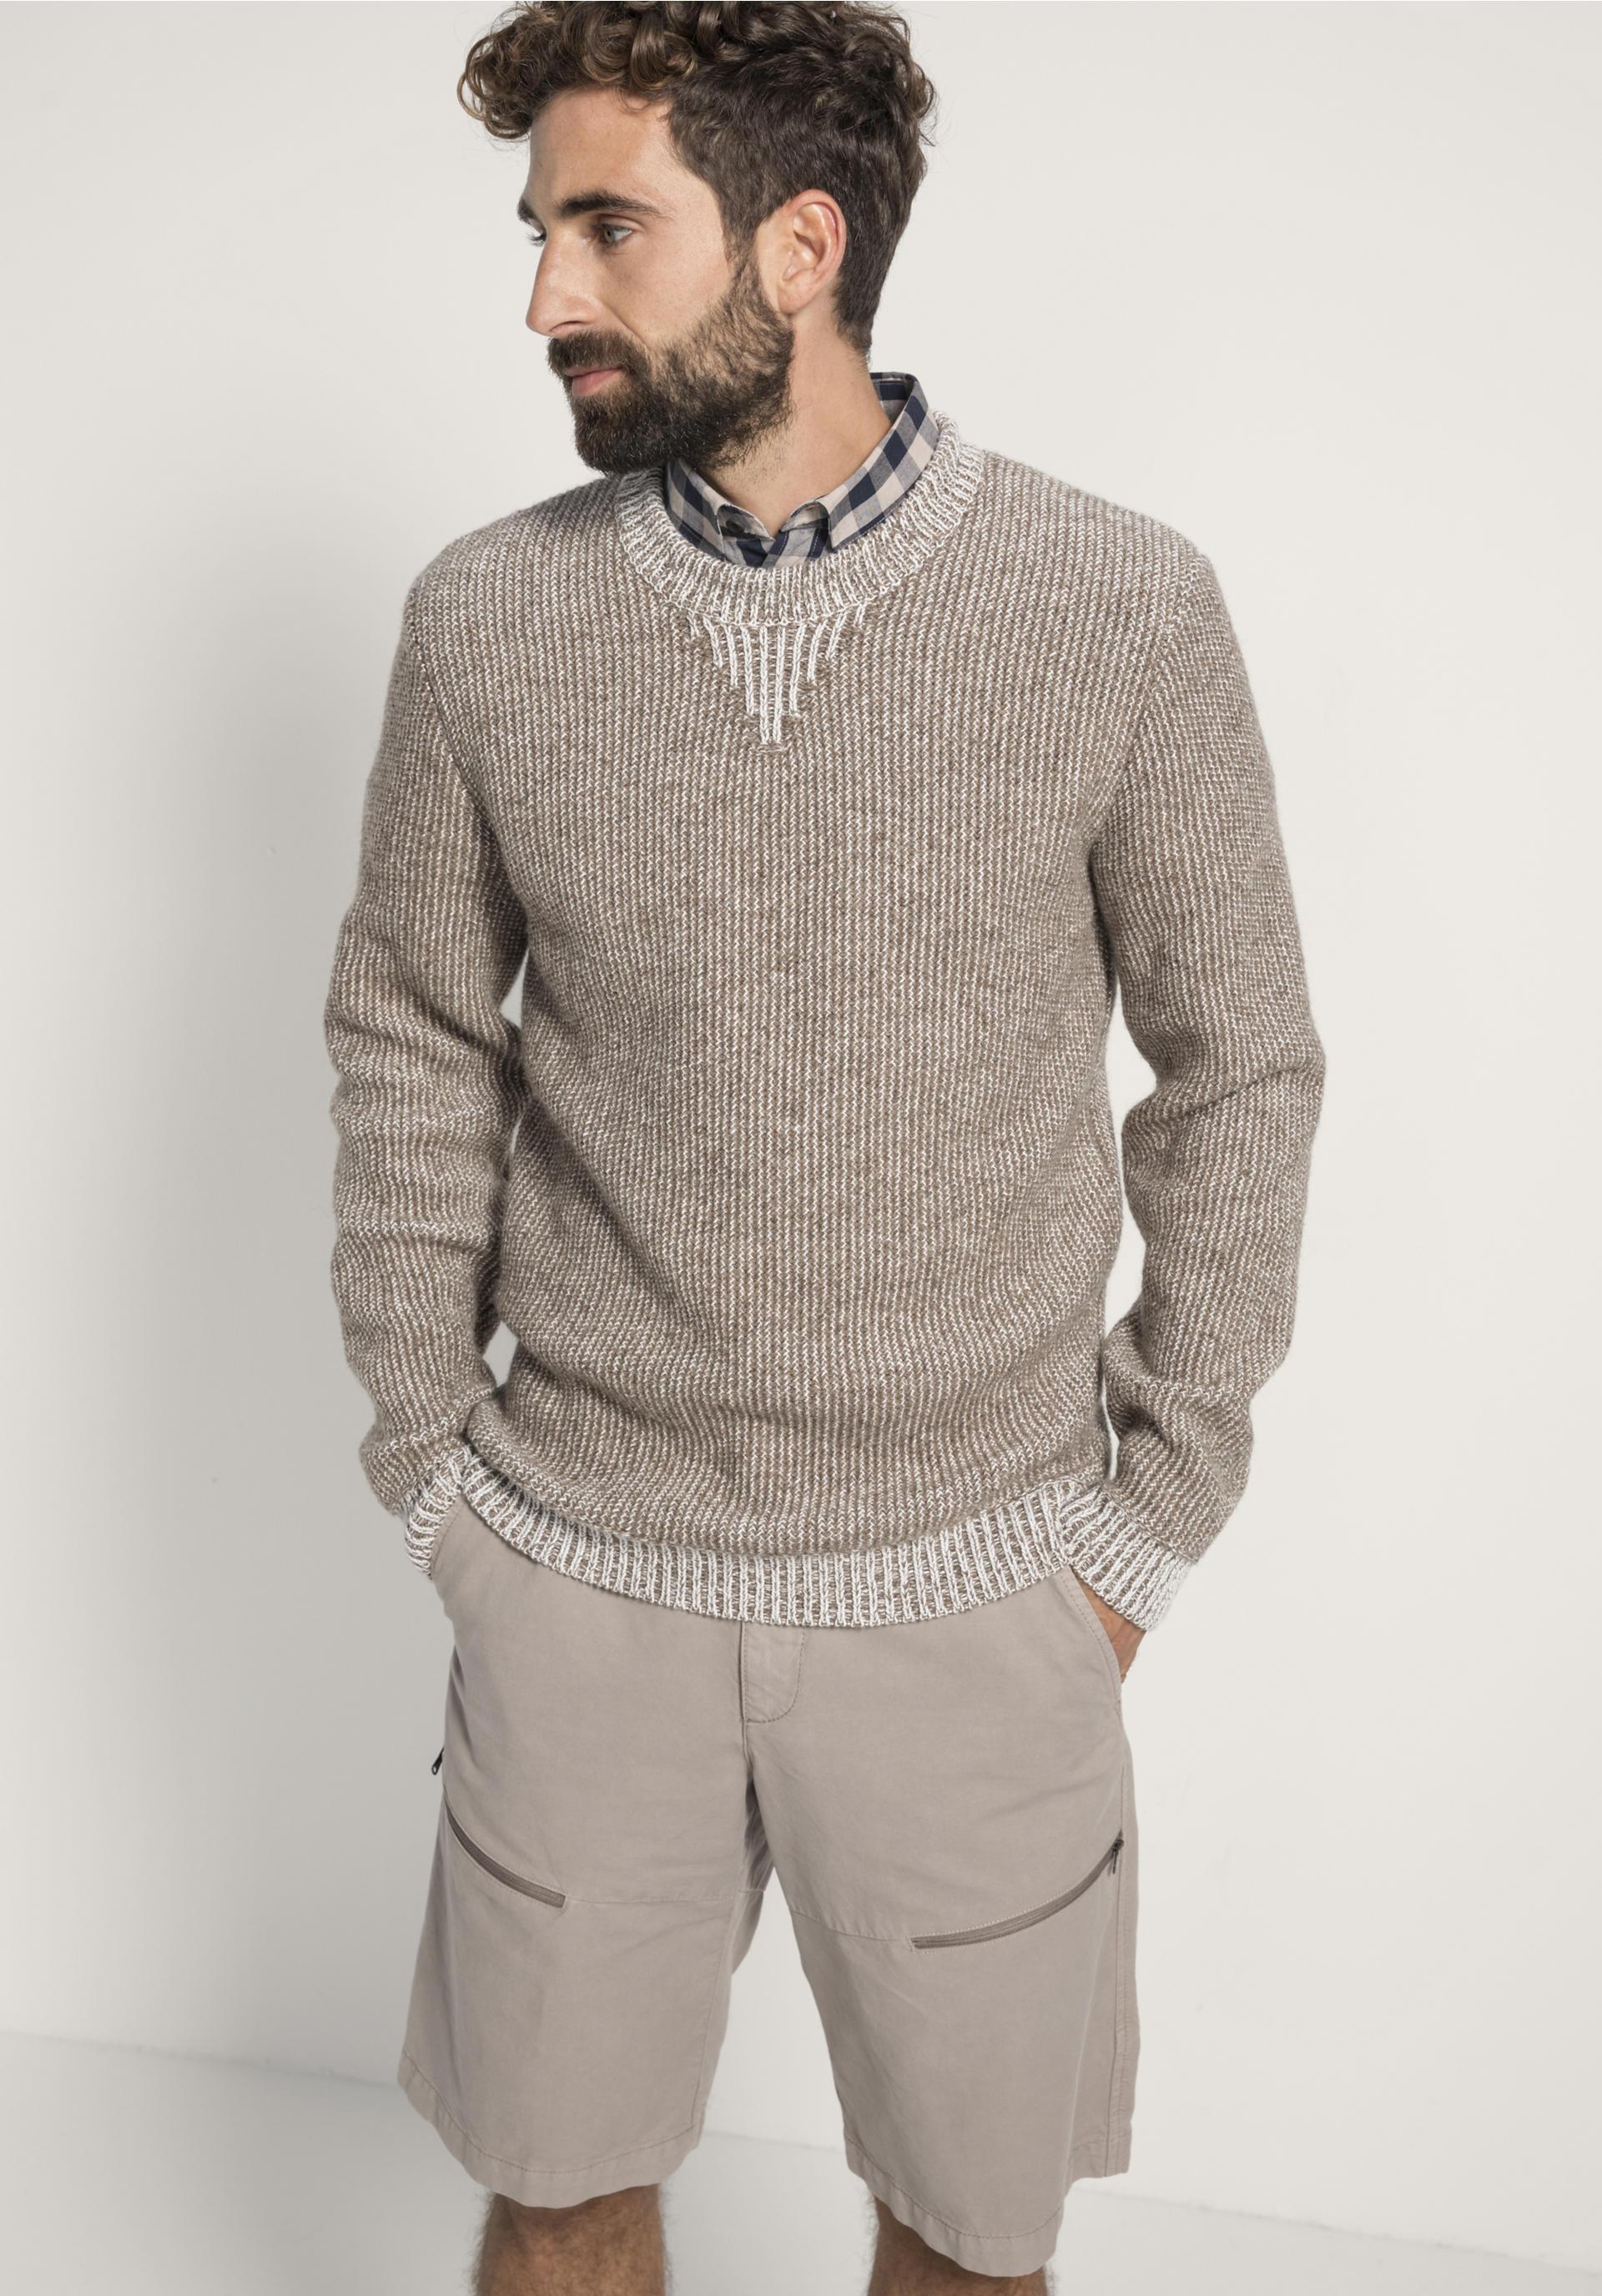 820bbacd0d3923 Pullover aus Rhönwolle und Bio-Baumwolle - hessnatur Deutschland